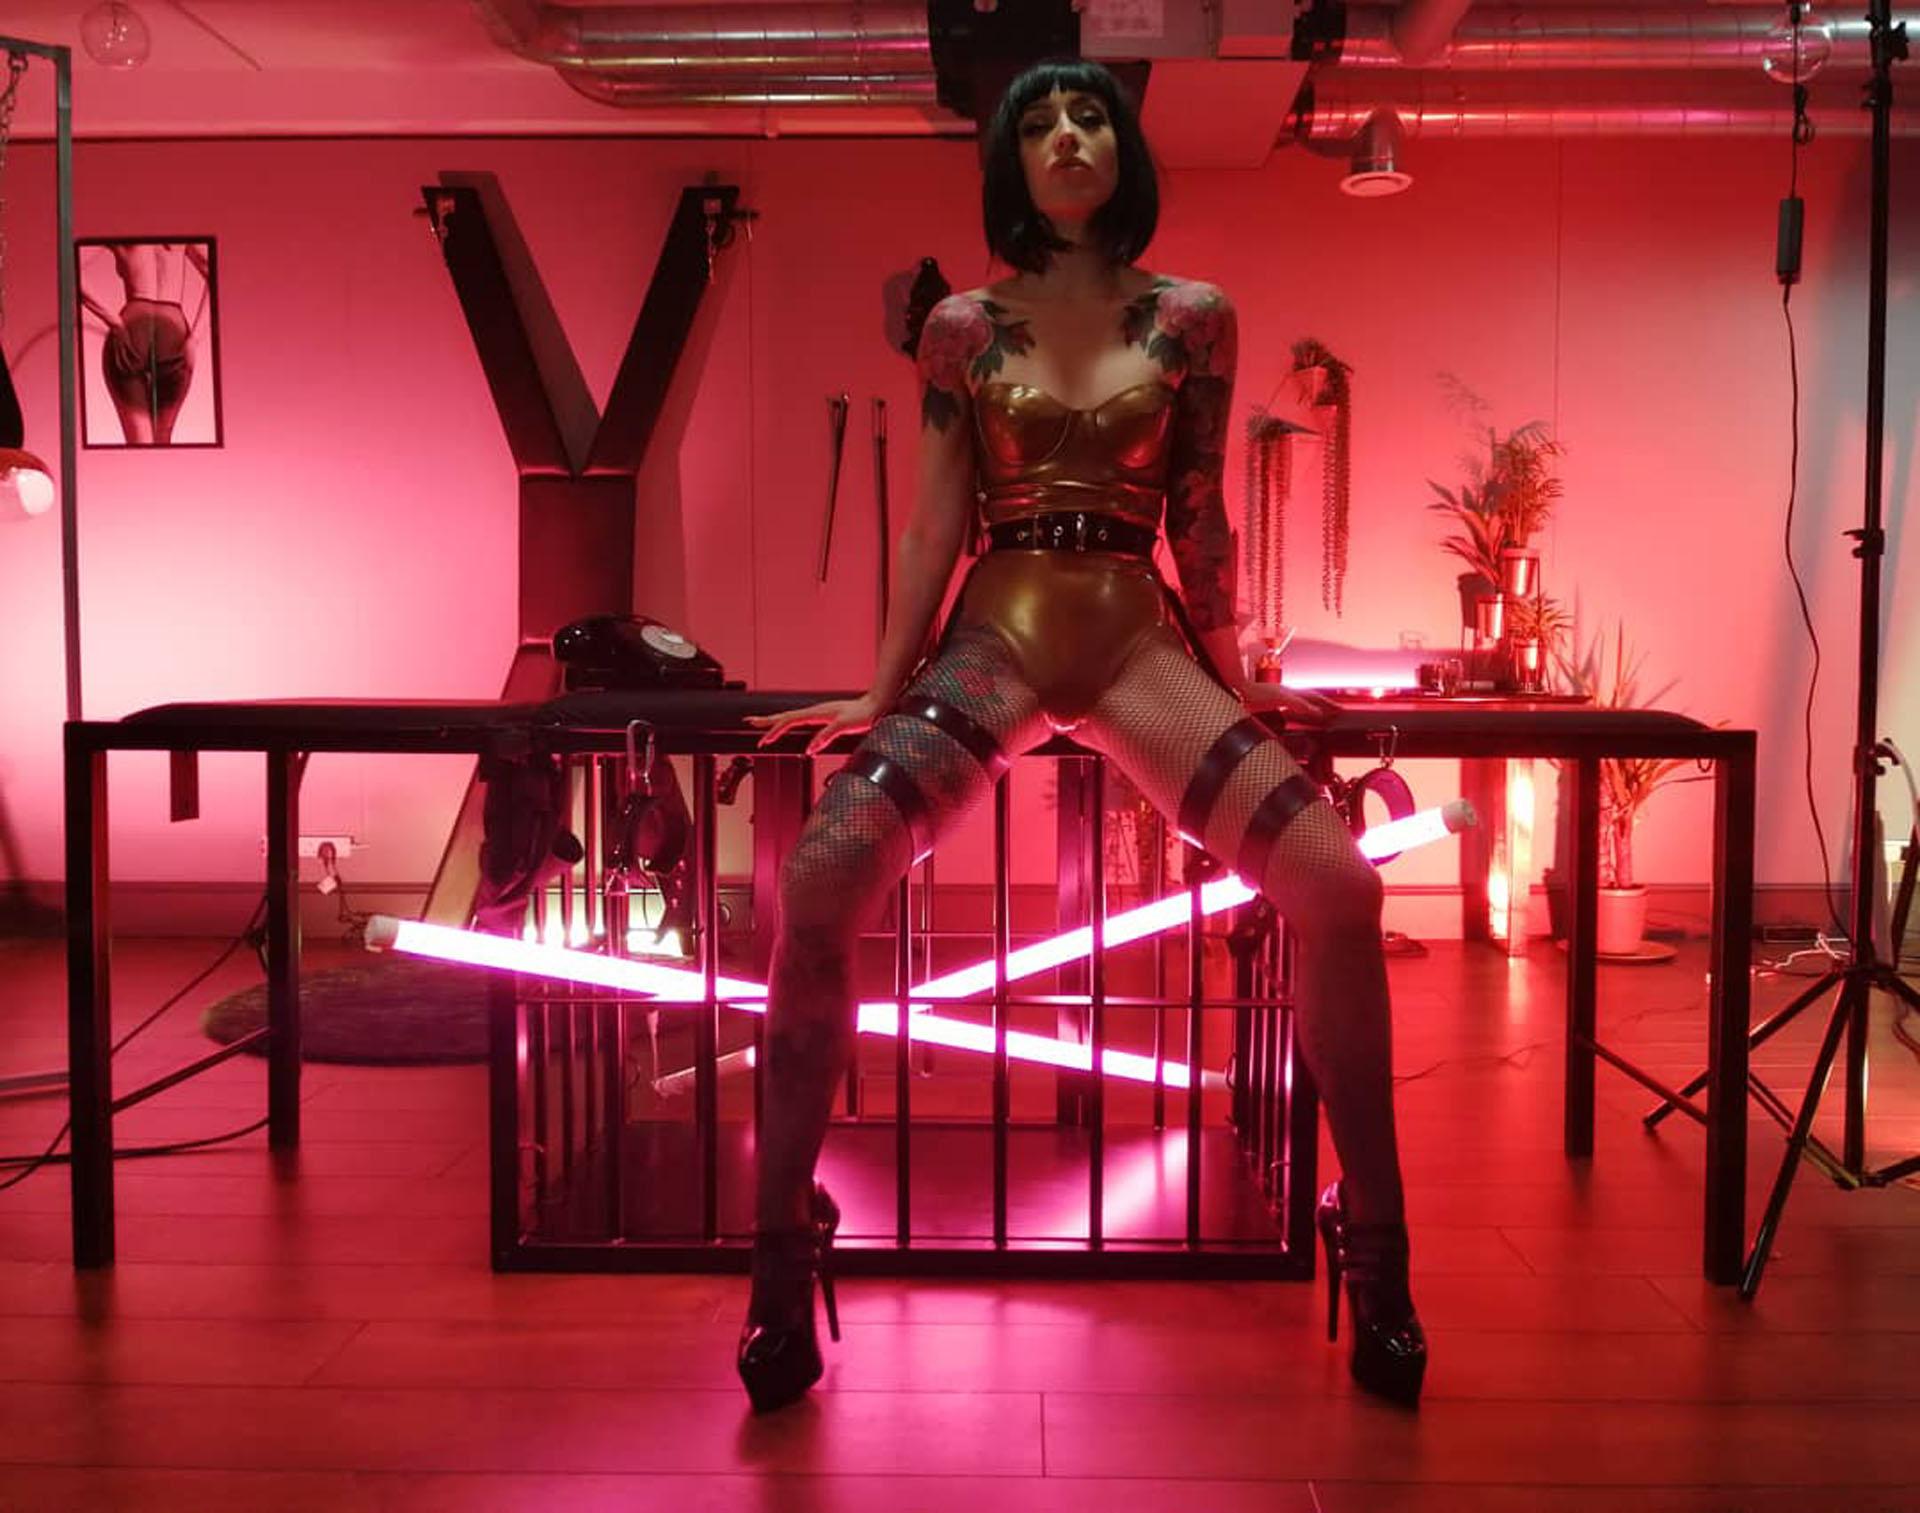 Mistress Adreena 21